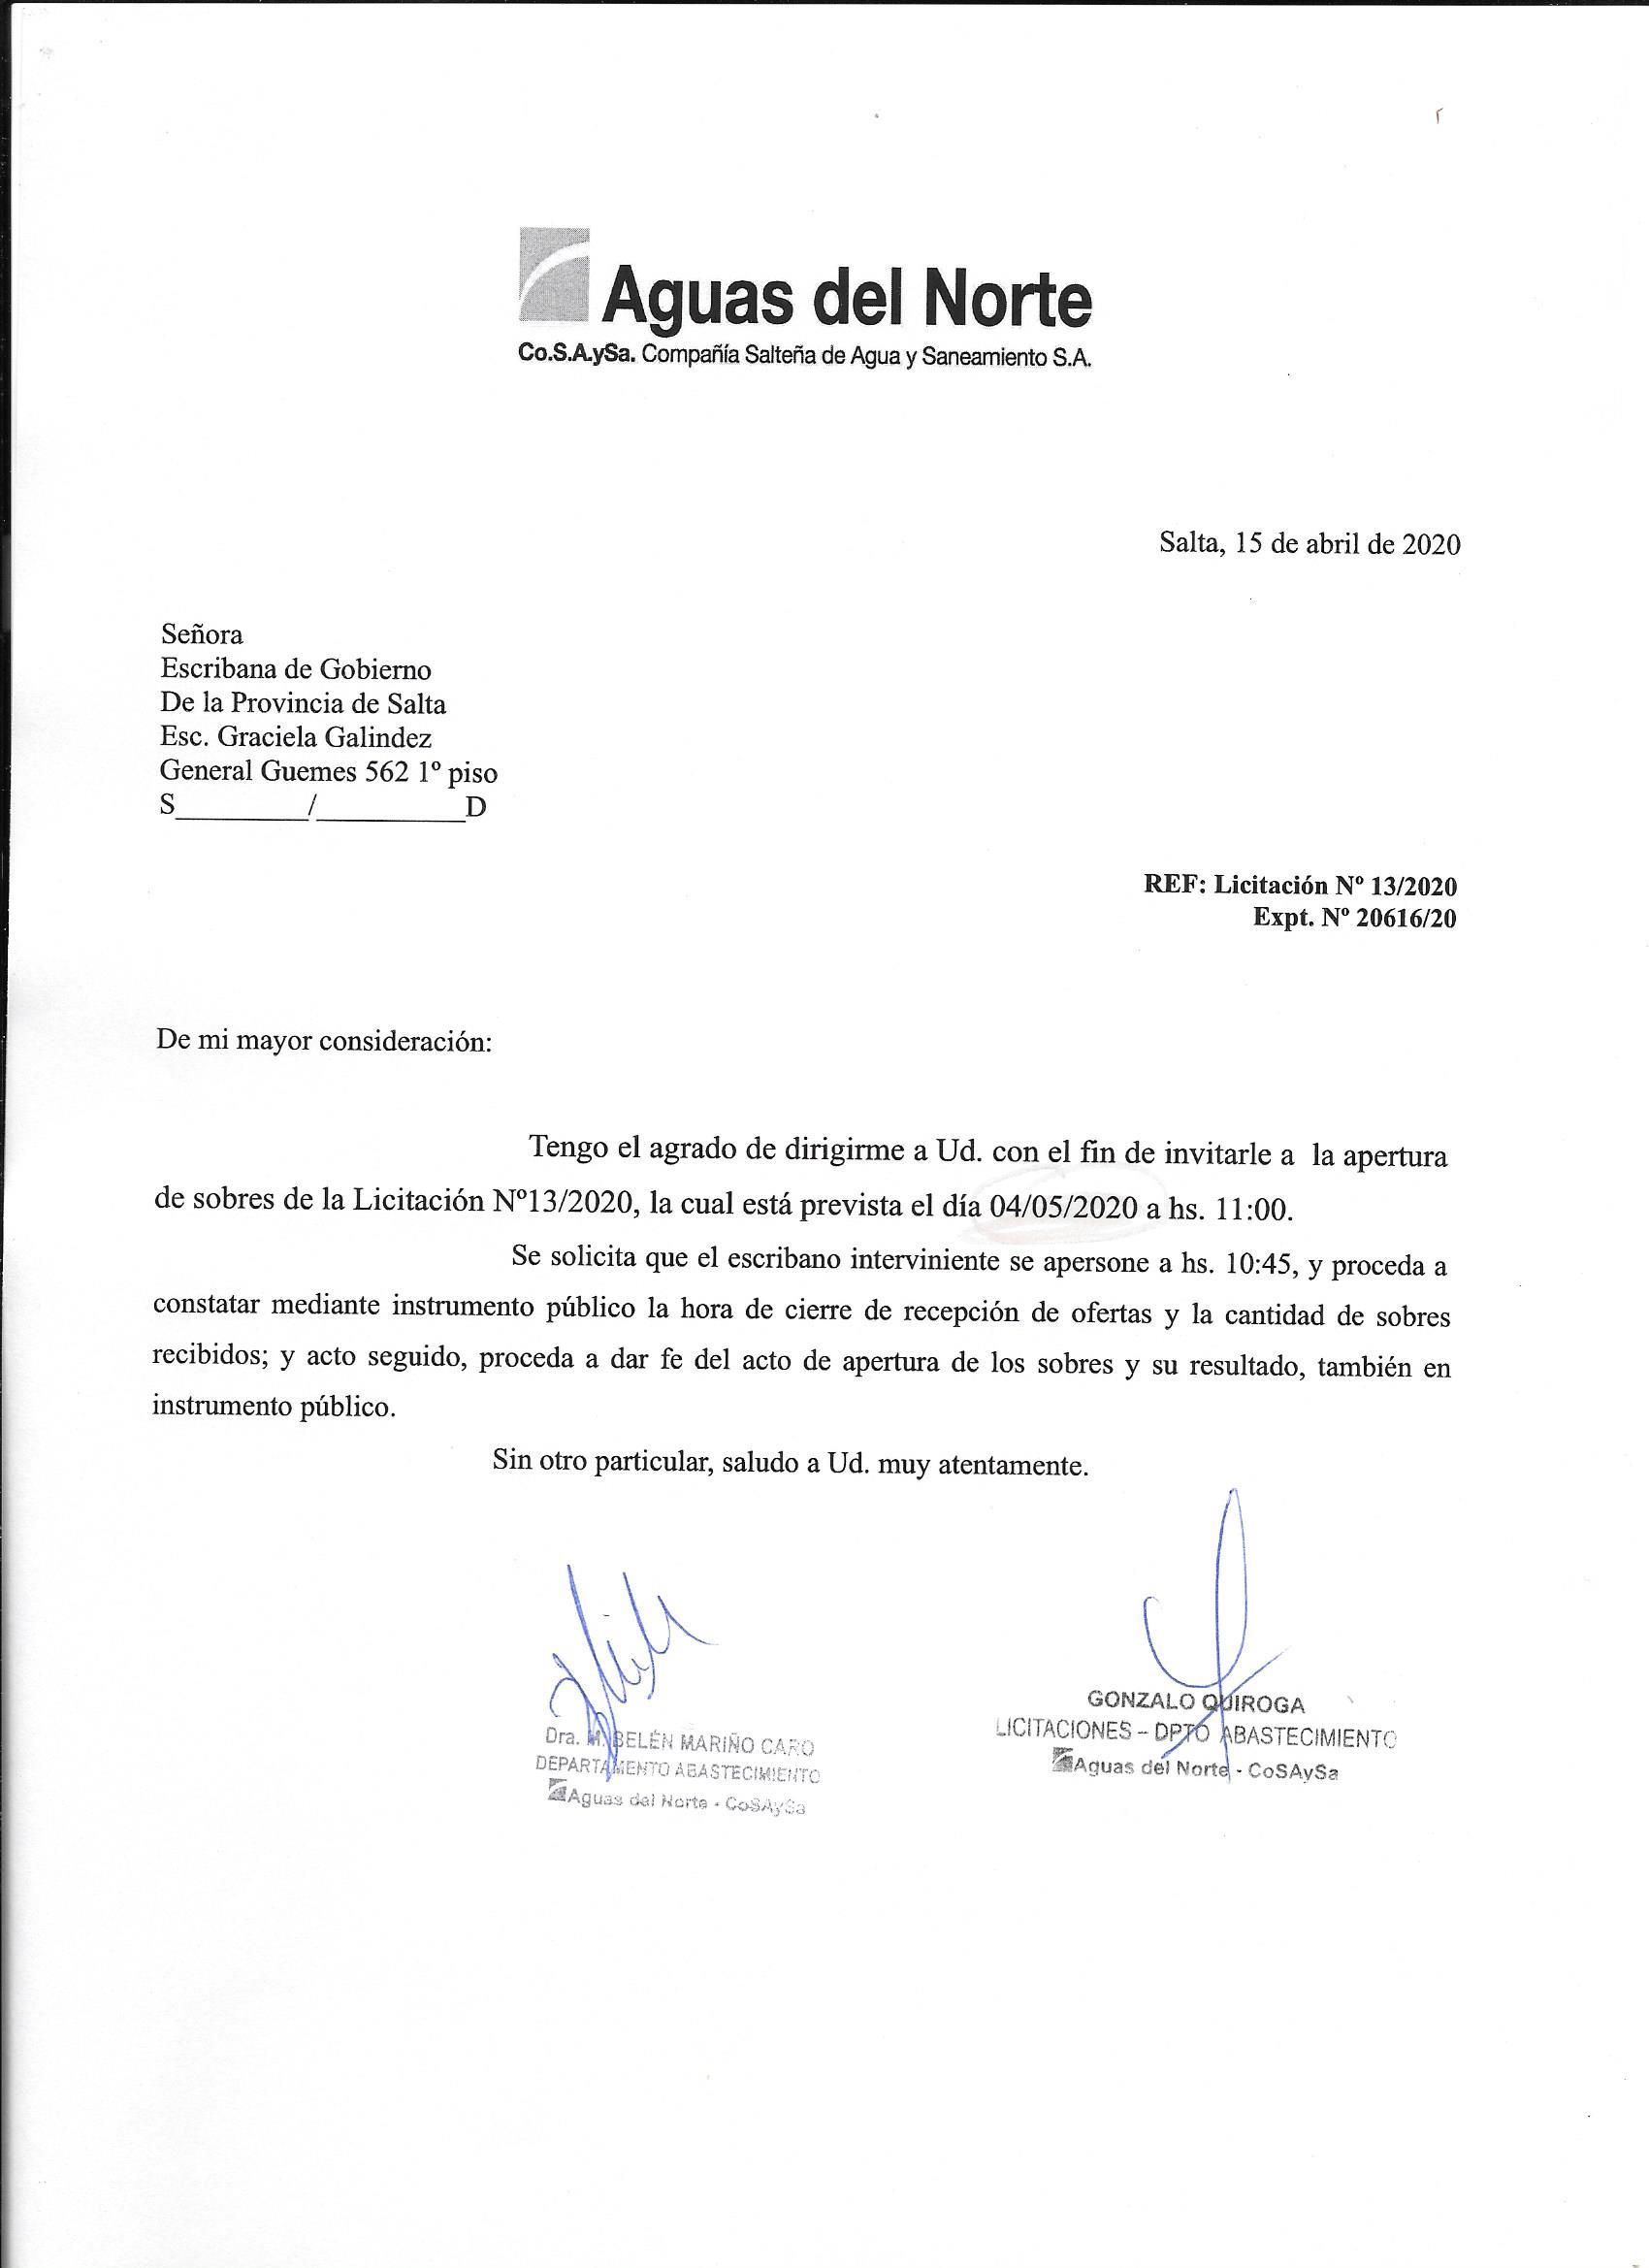 licitacion-aguas-del-norte-04-05